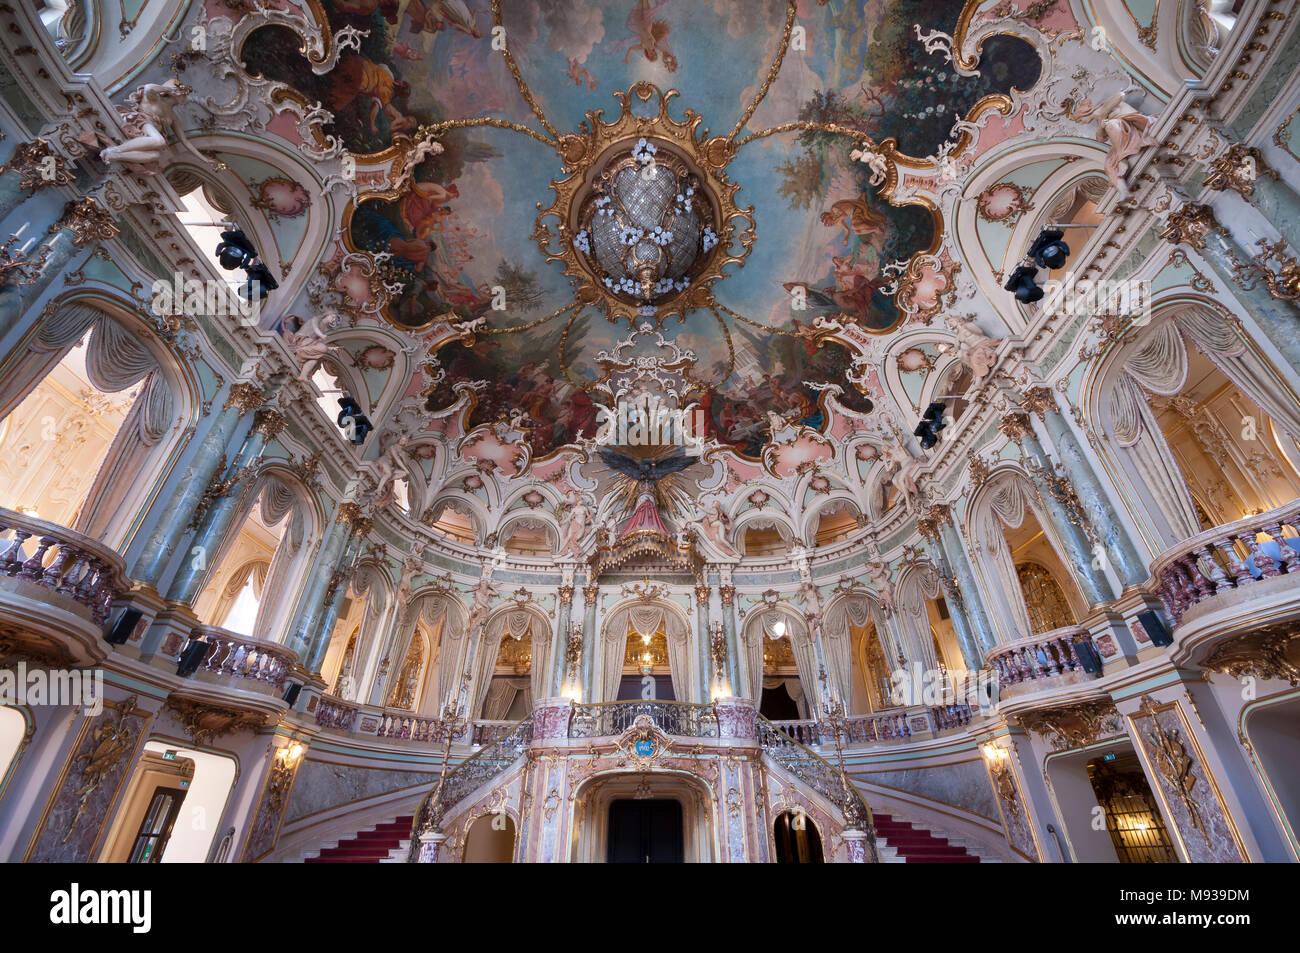 Hessisches Staatstheater, Wiesbaden, Hessen, Deutschland - Stock Image